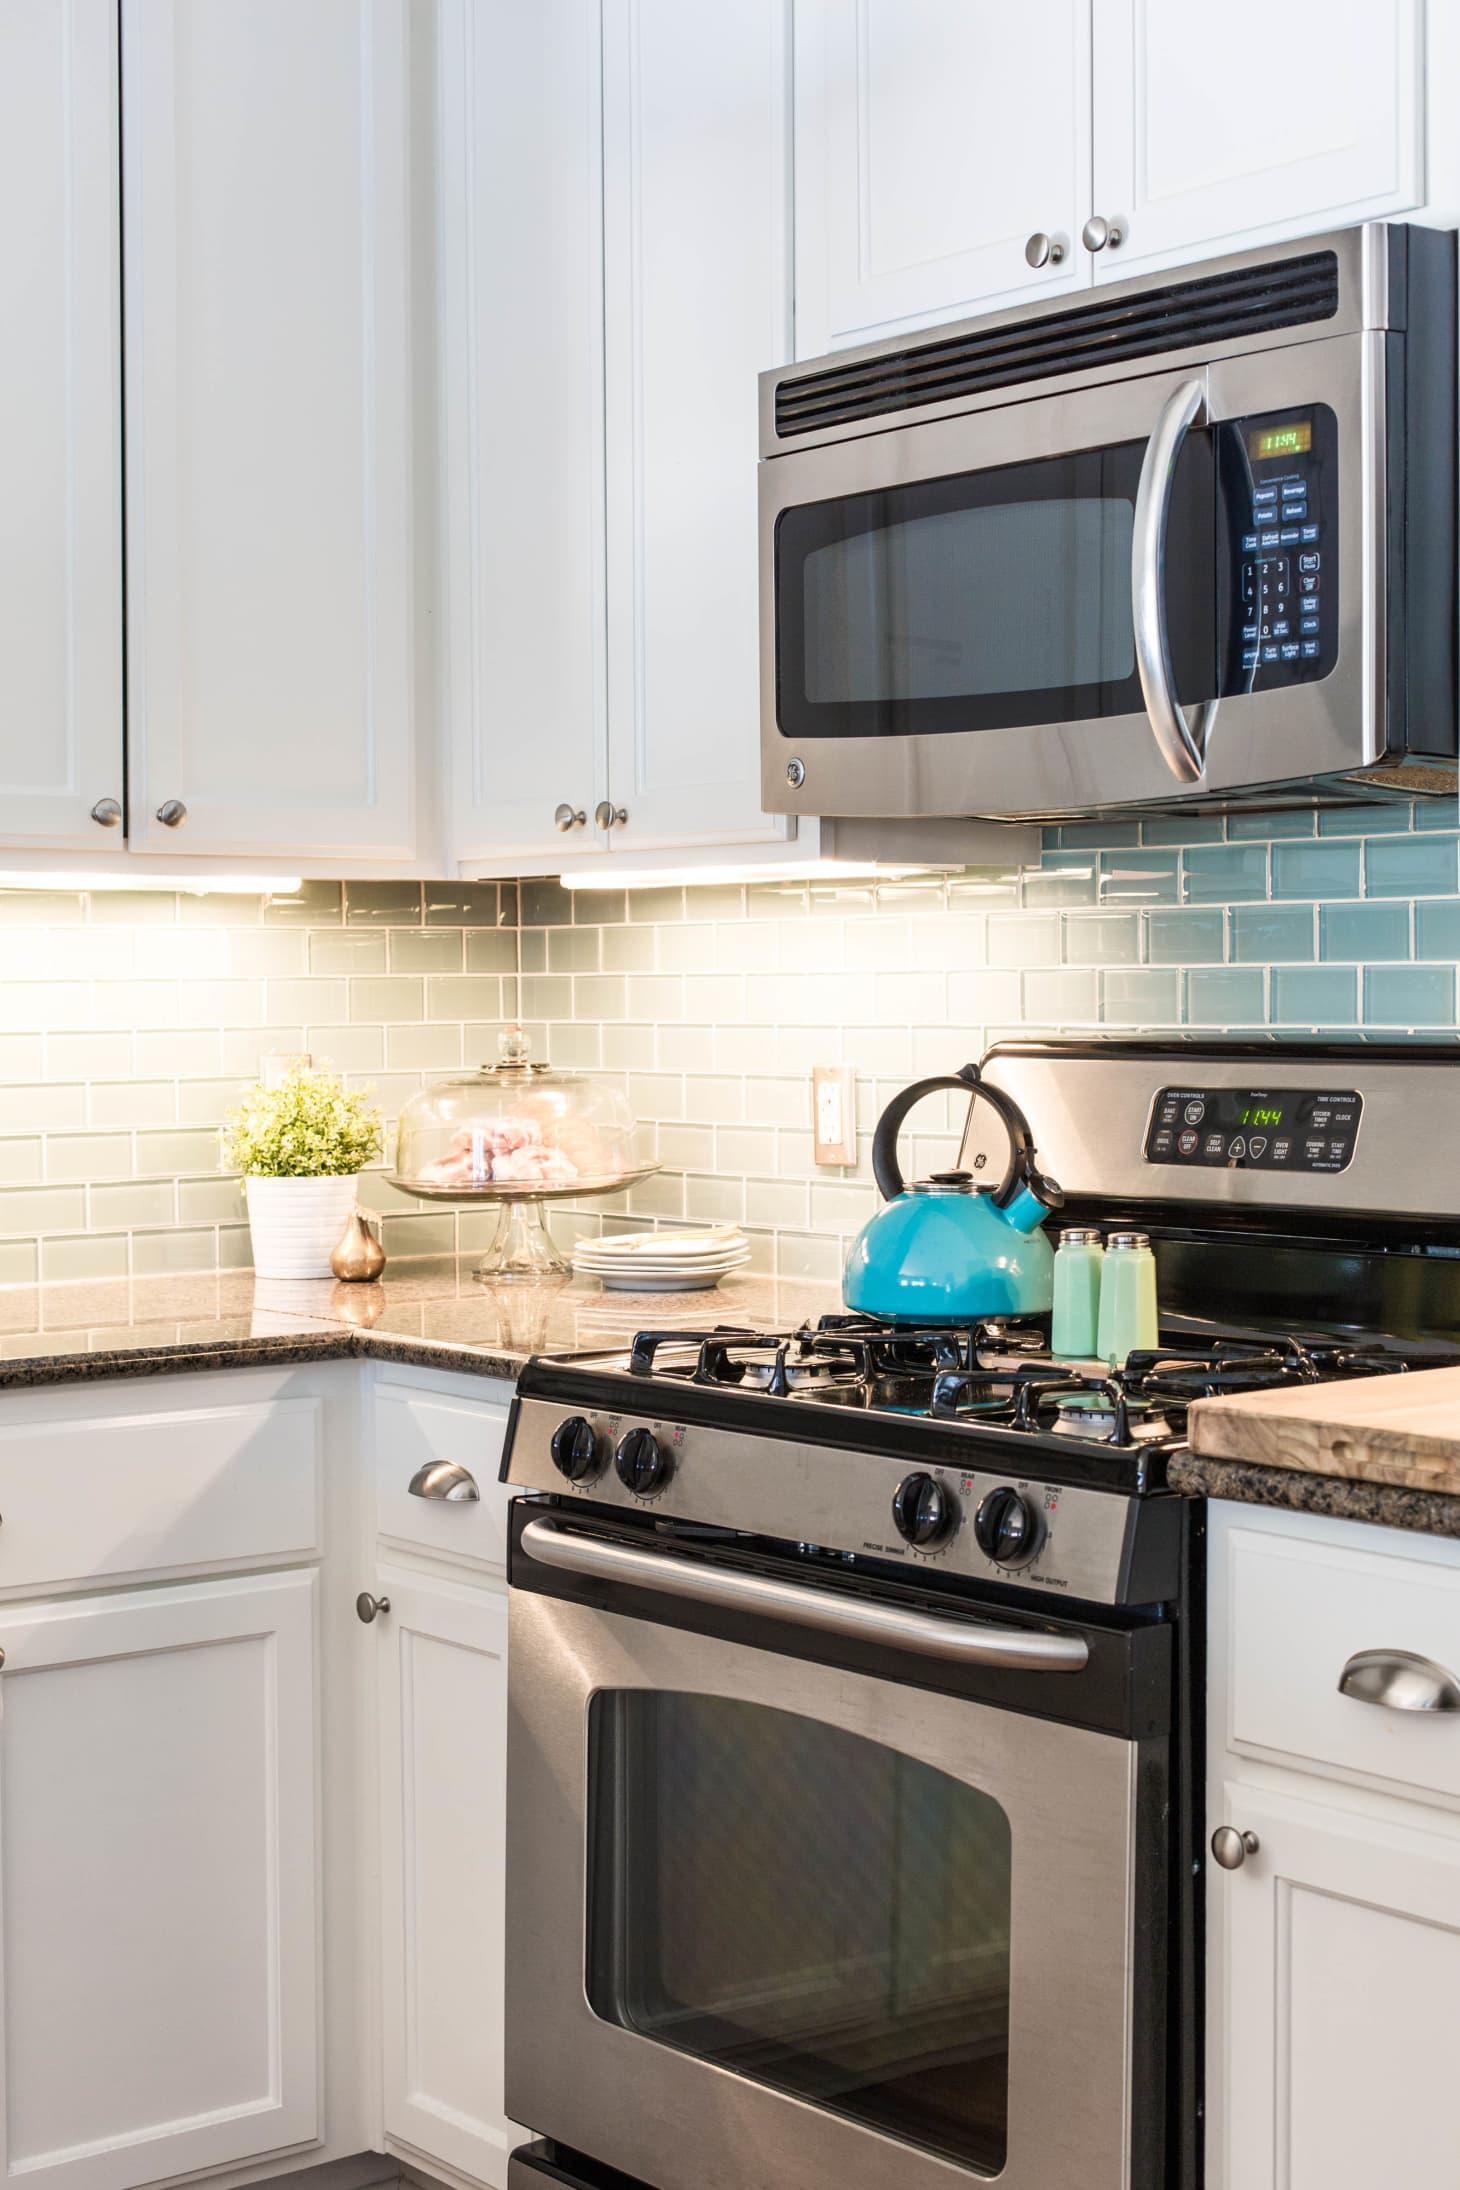 Easy Ways to Brighten Up a Dark Kitchen | Kitchn